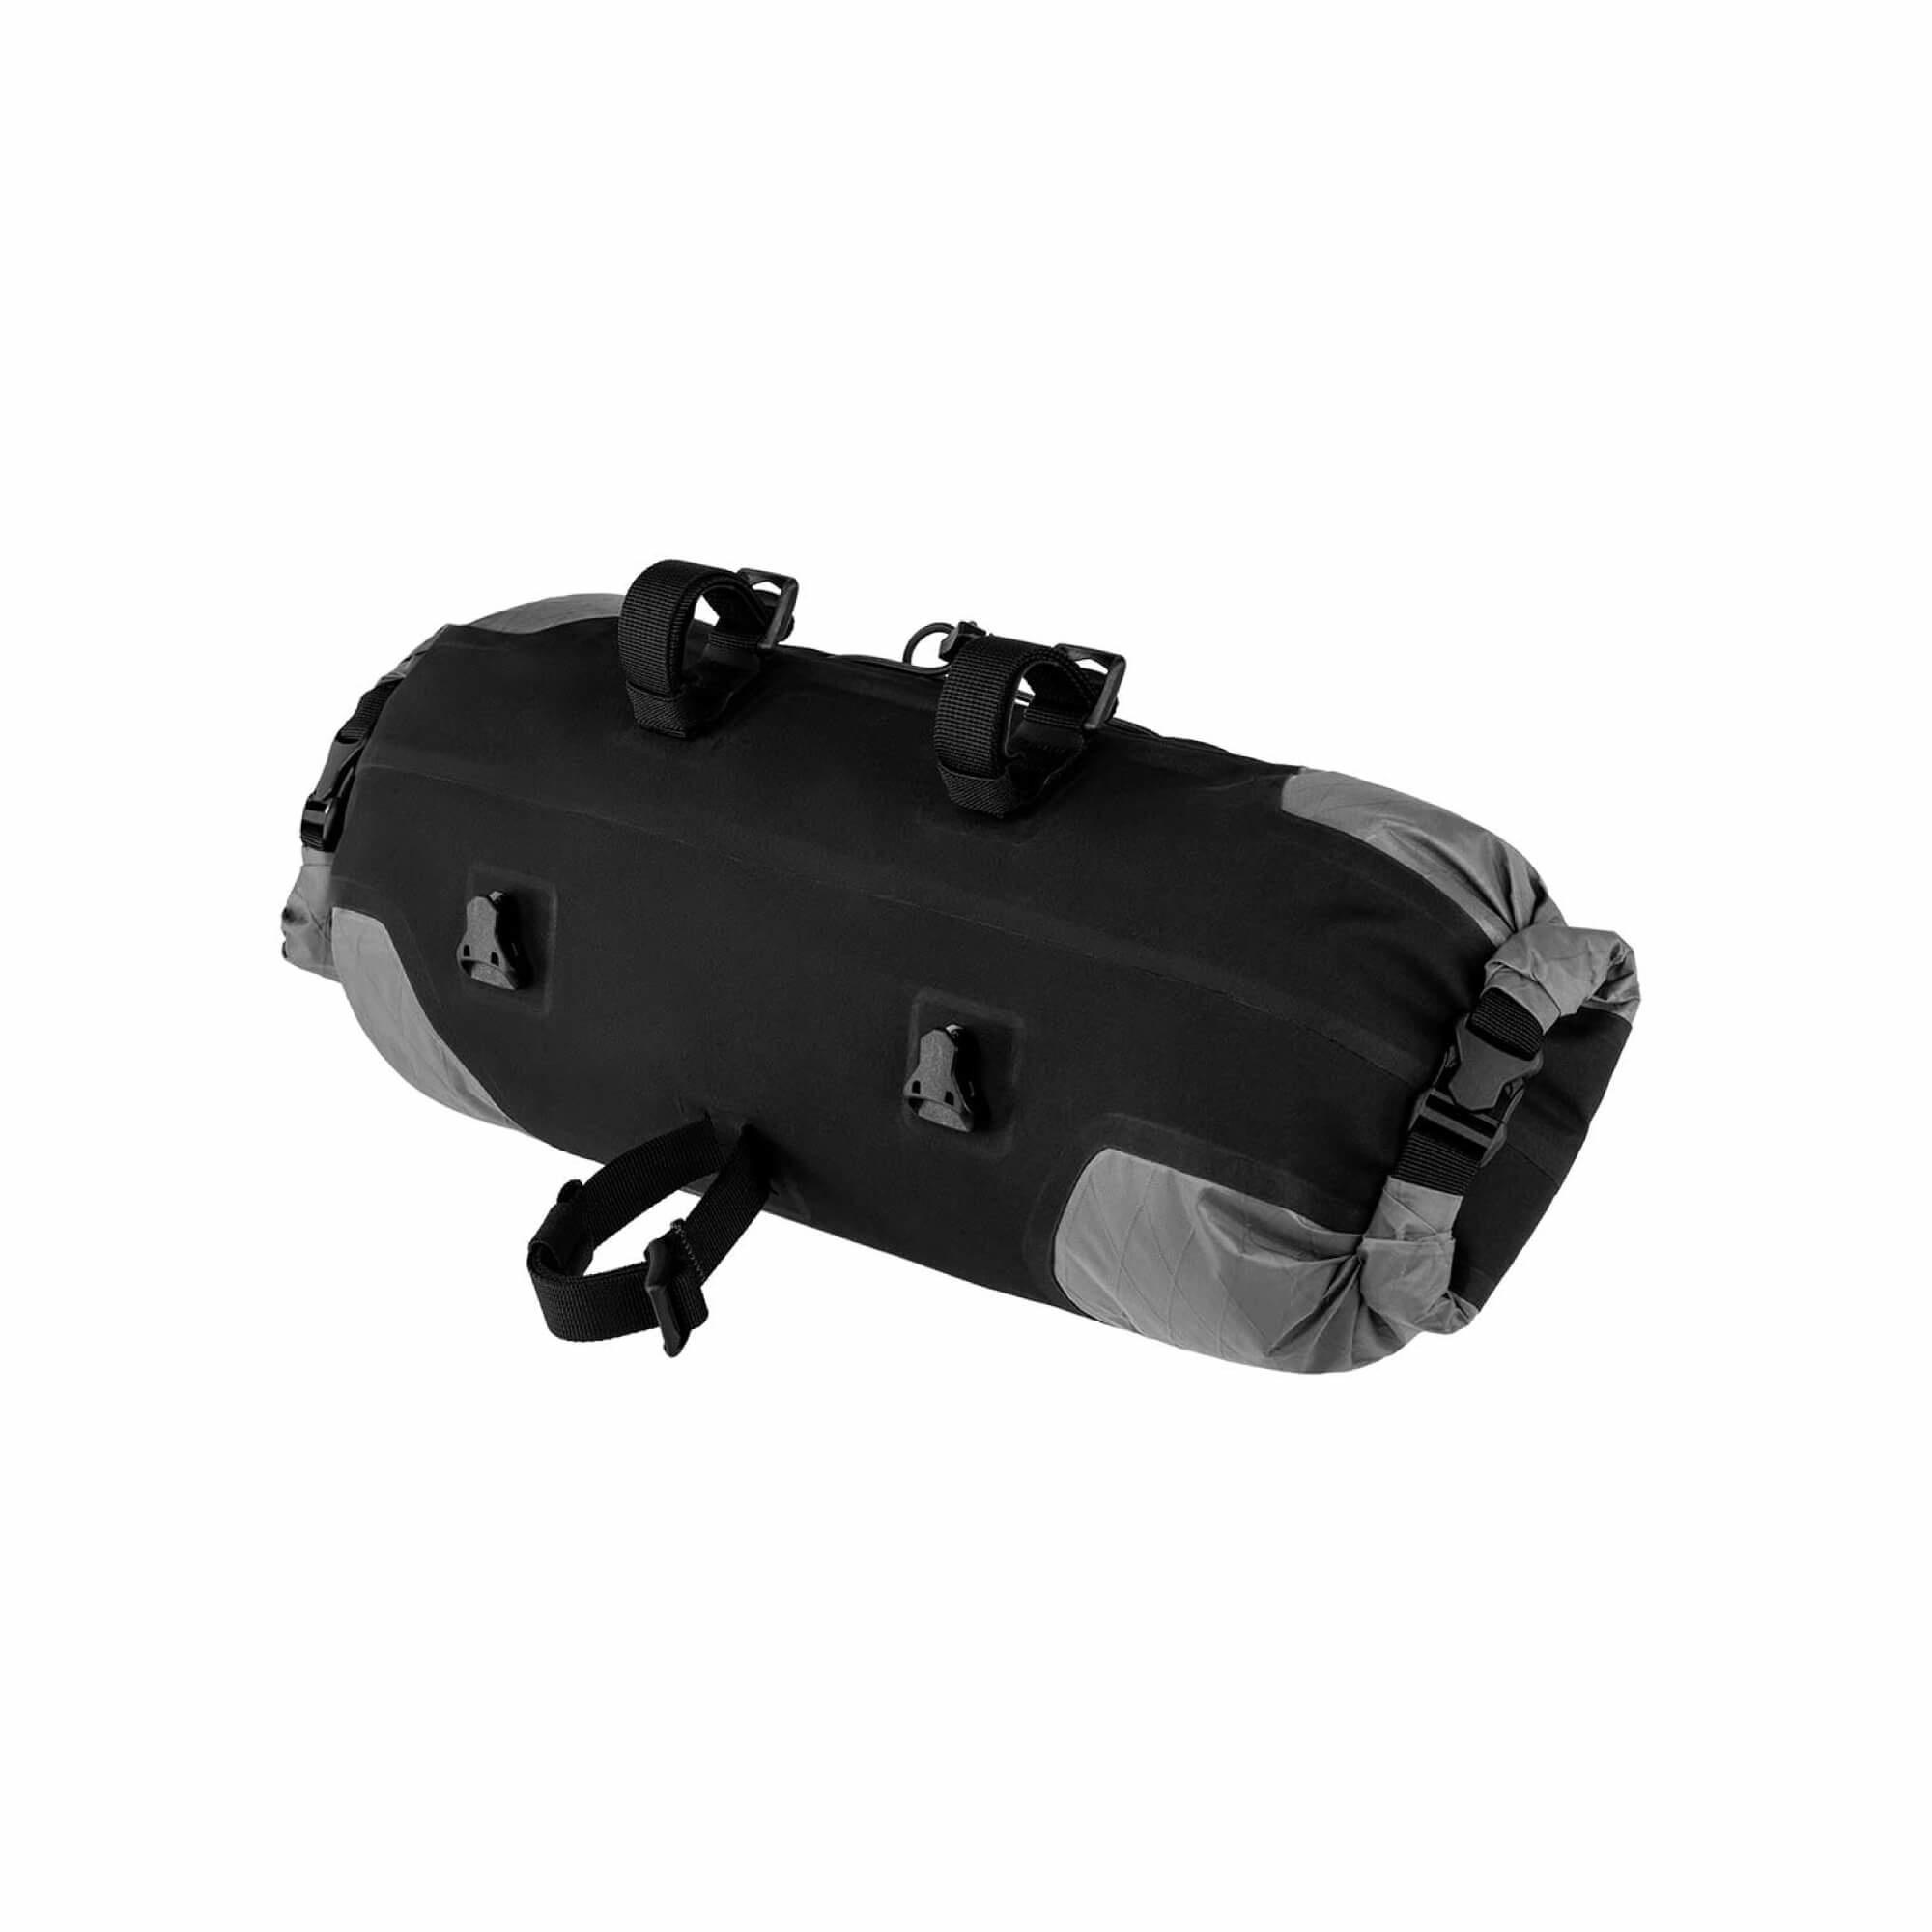 Backcountry2 Handlebar Pack 11 L-2